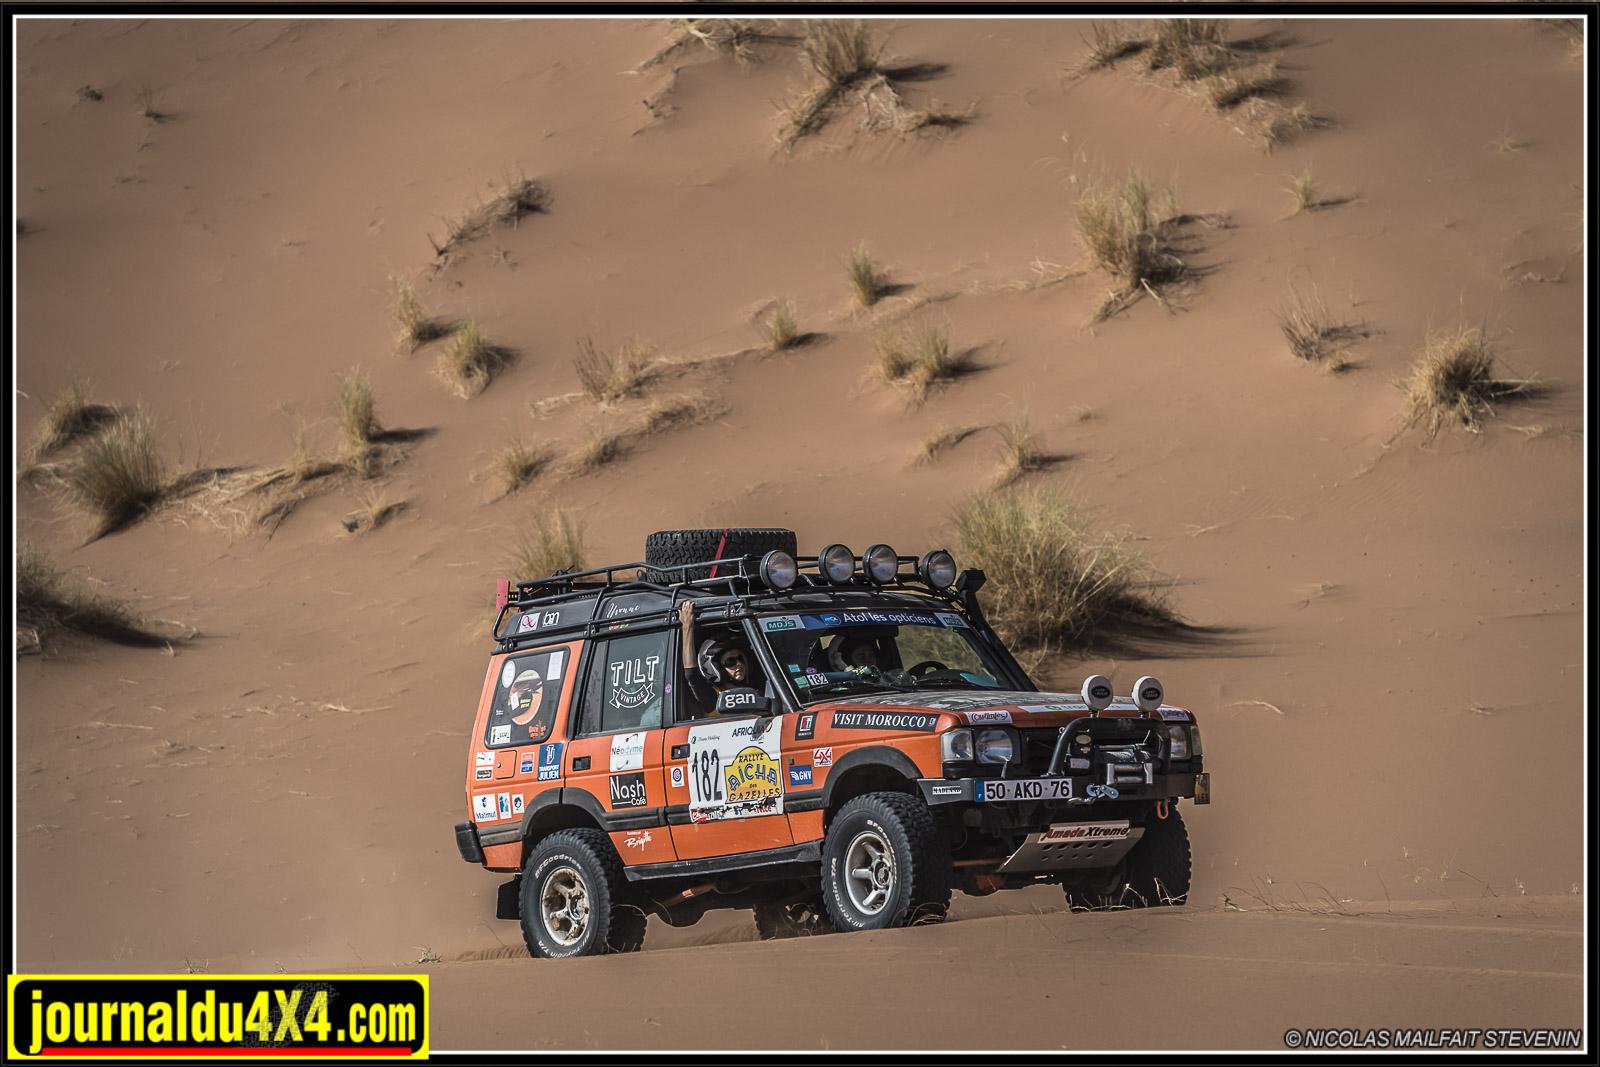 rallye-aicha-gazelles-maroc-2017-7629.jpg